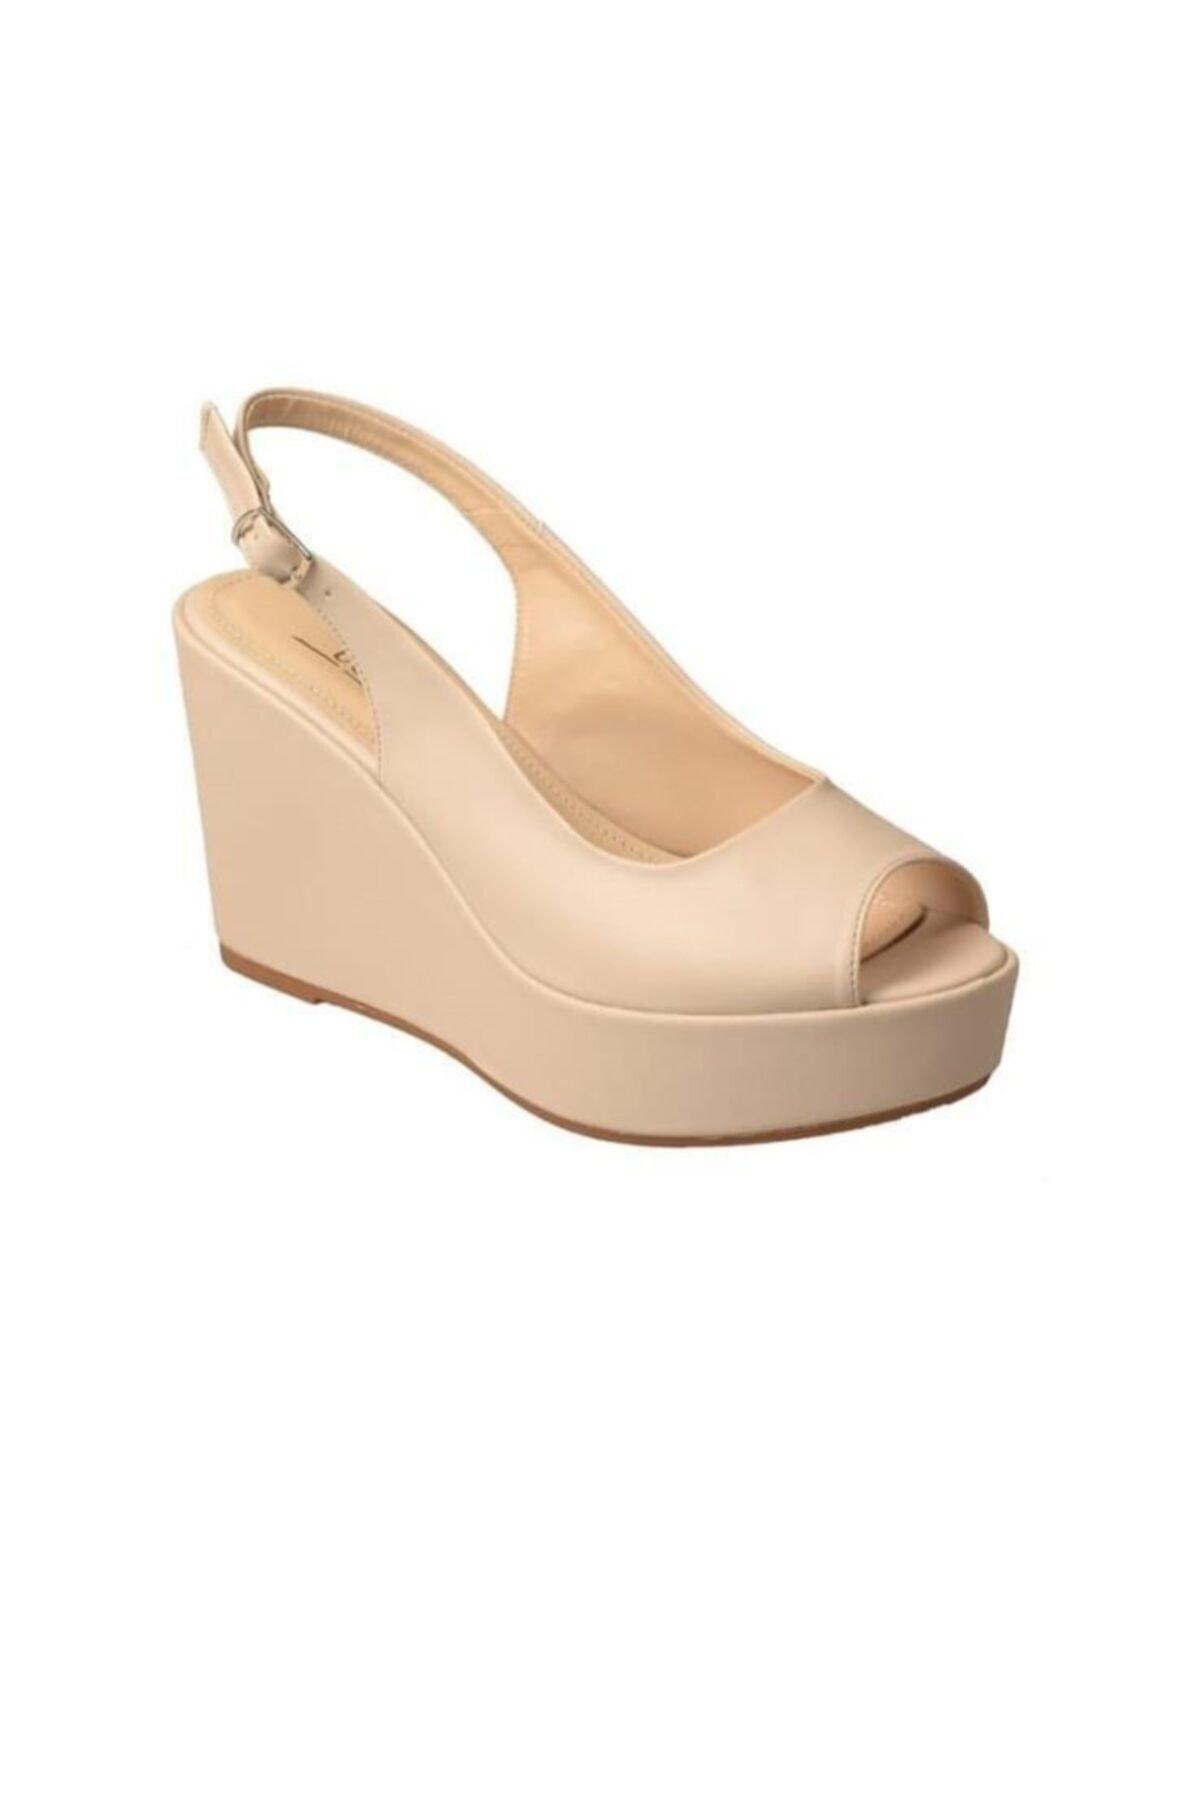 Kadın Bej Bilek Bağlamalı Dolgu Topuklu Sandalet